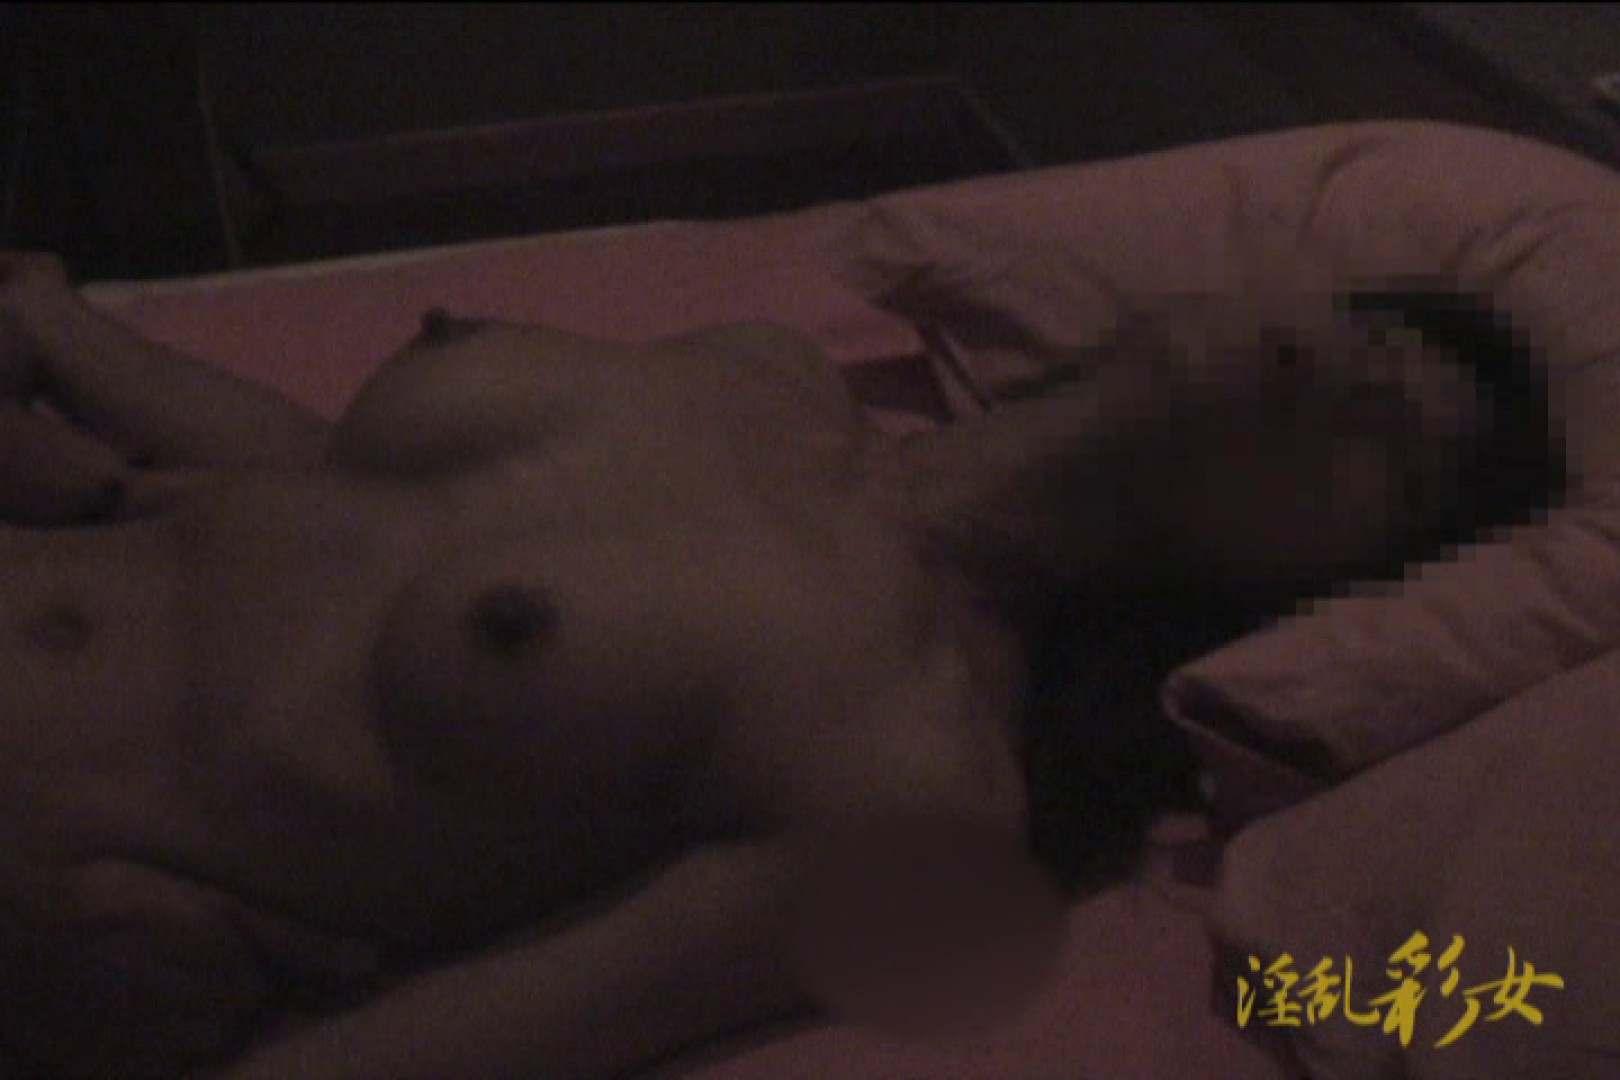 淫乱彩女 麻優里 旦那の前で王様ゲーム 一般投稿 われめAV動画紹介 112pic 106